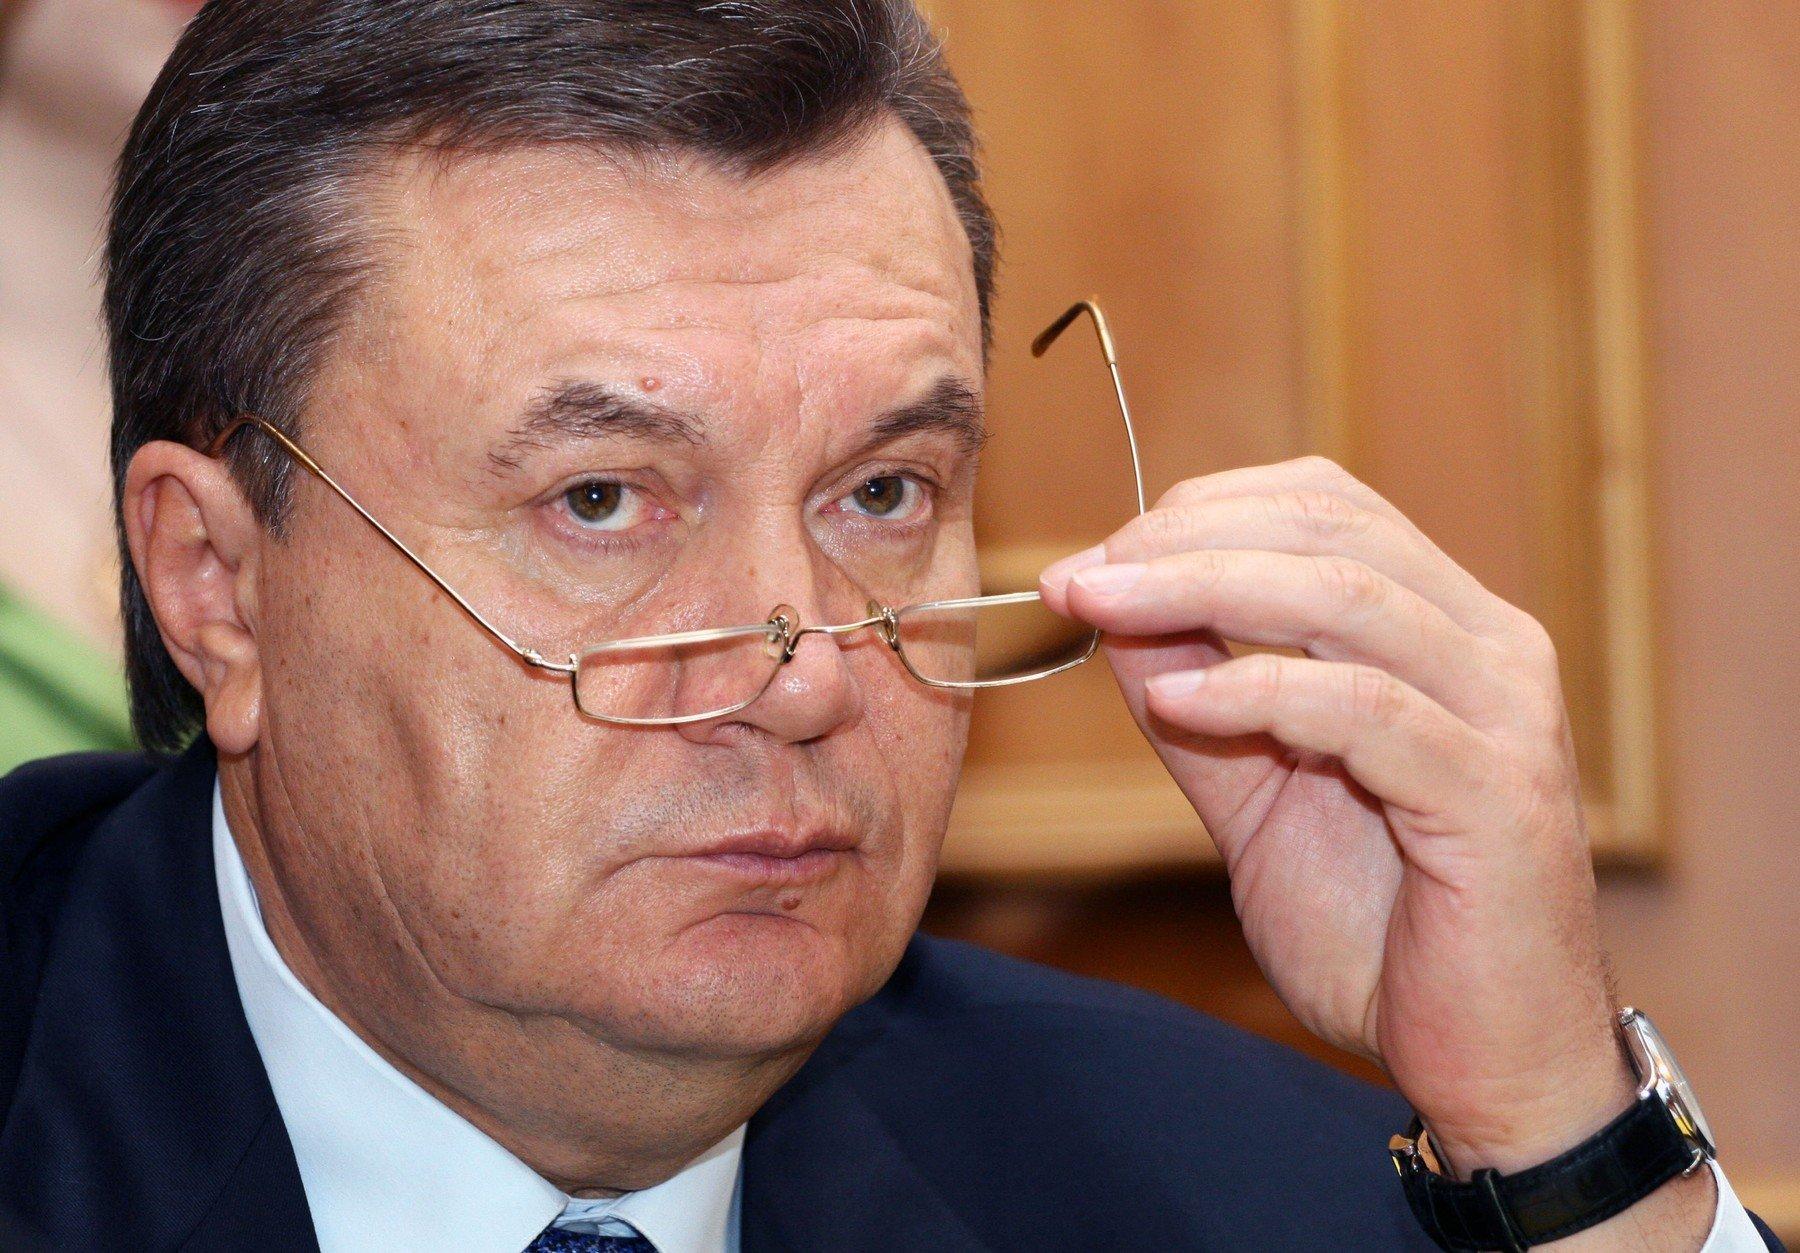 Ukrajinská prokuratura žádá pro exprezidenta Janukovyče 15 let vězení